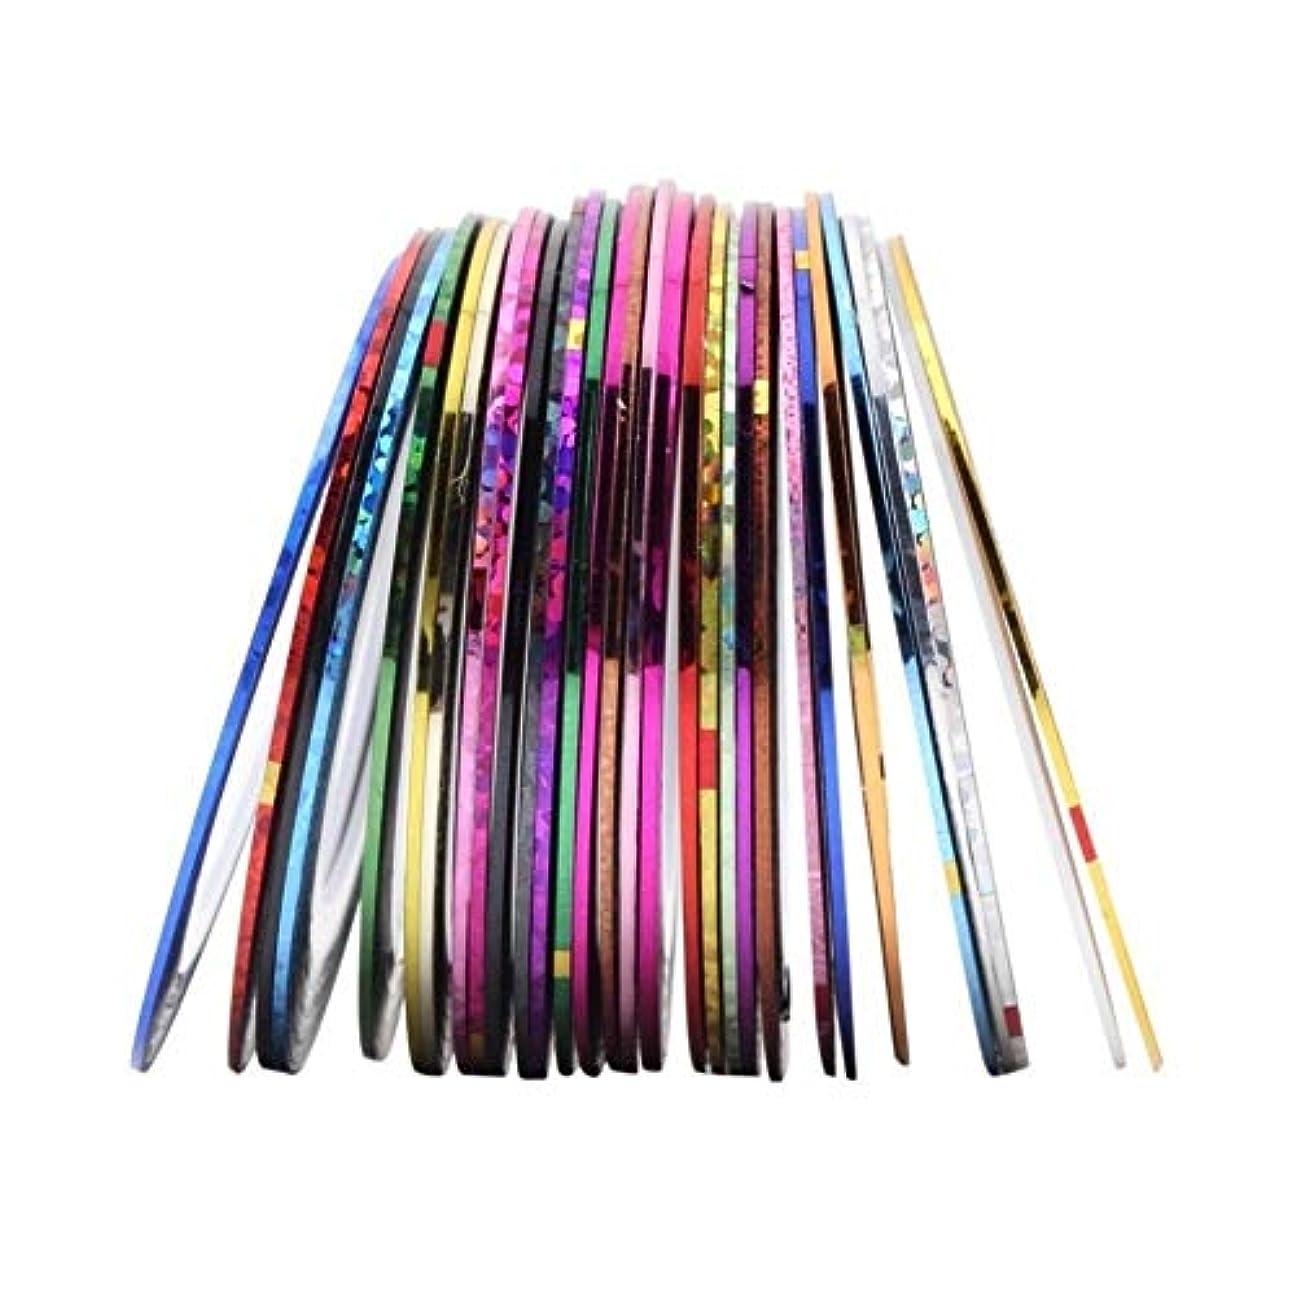 おハイランド明らかにするネイルアート用 ラインテープ シート ジェルネイル用 マニキュア セット ジェルネイル アート用ラインテープ 専用ケース 38色セット